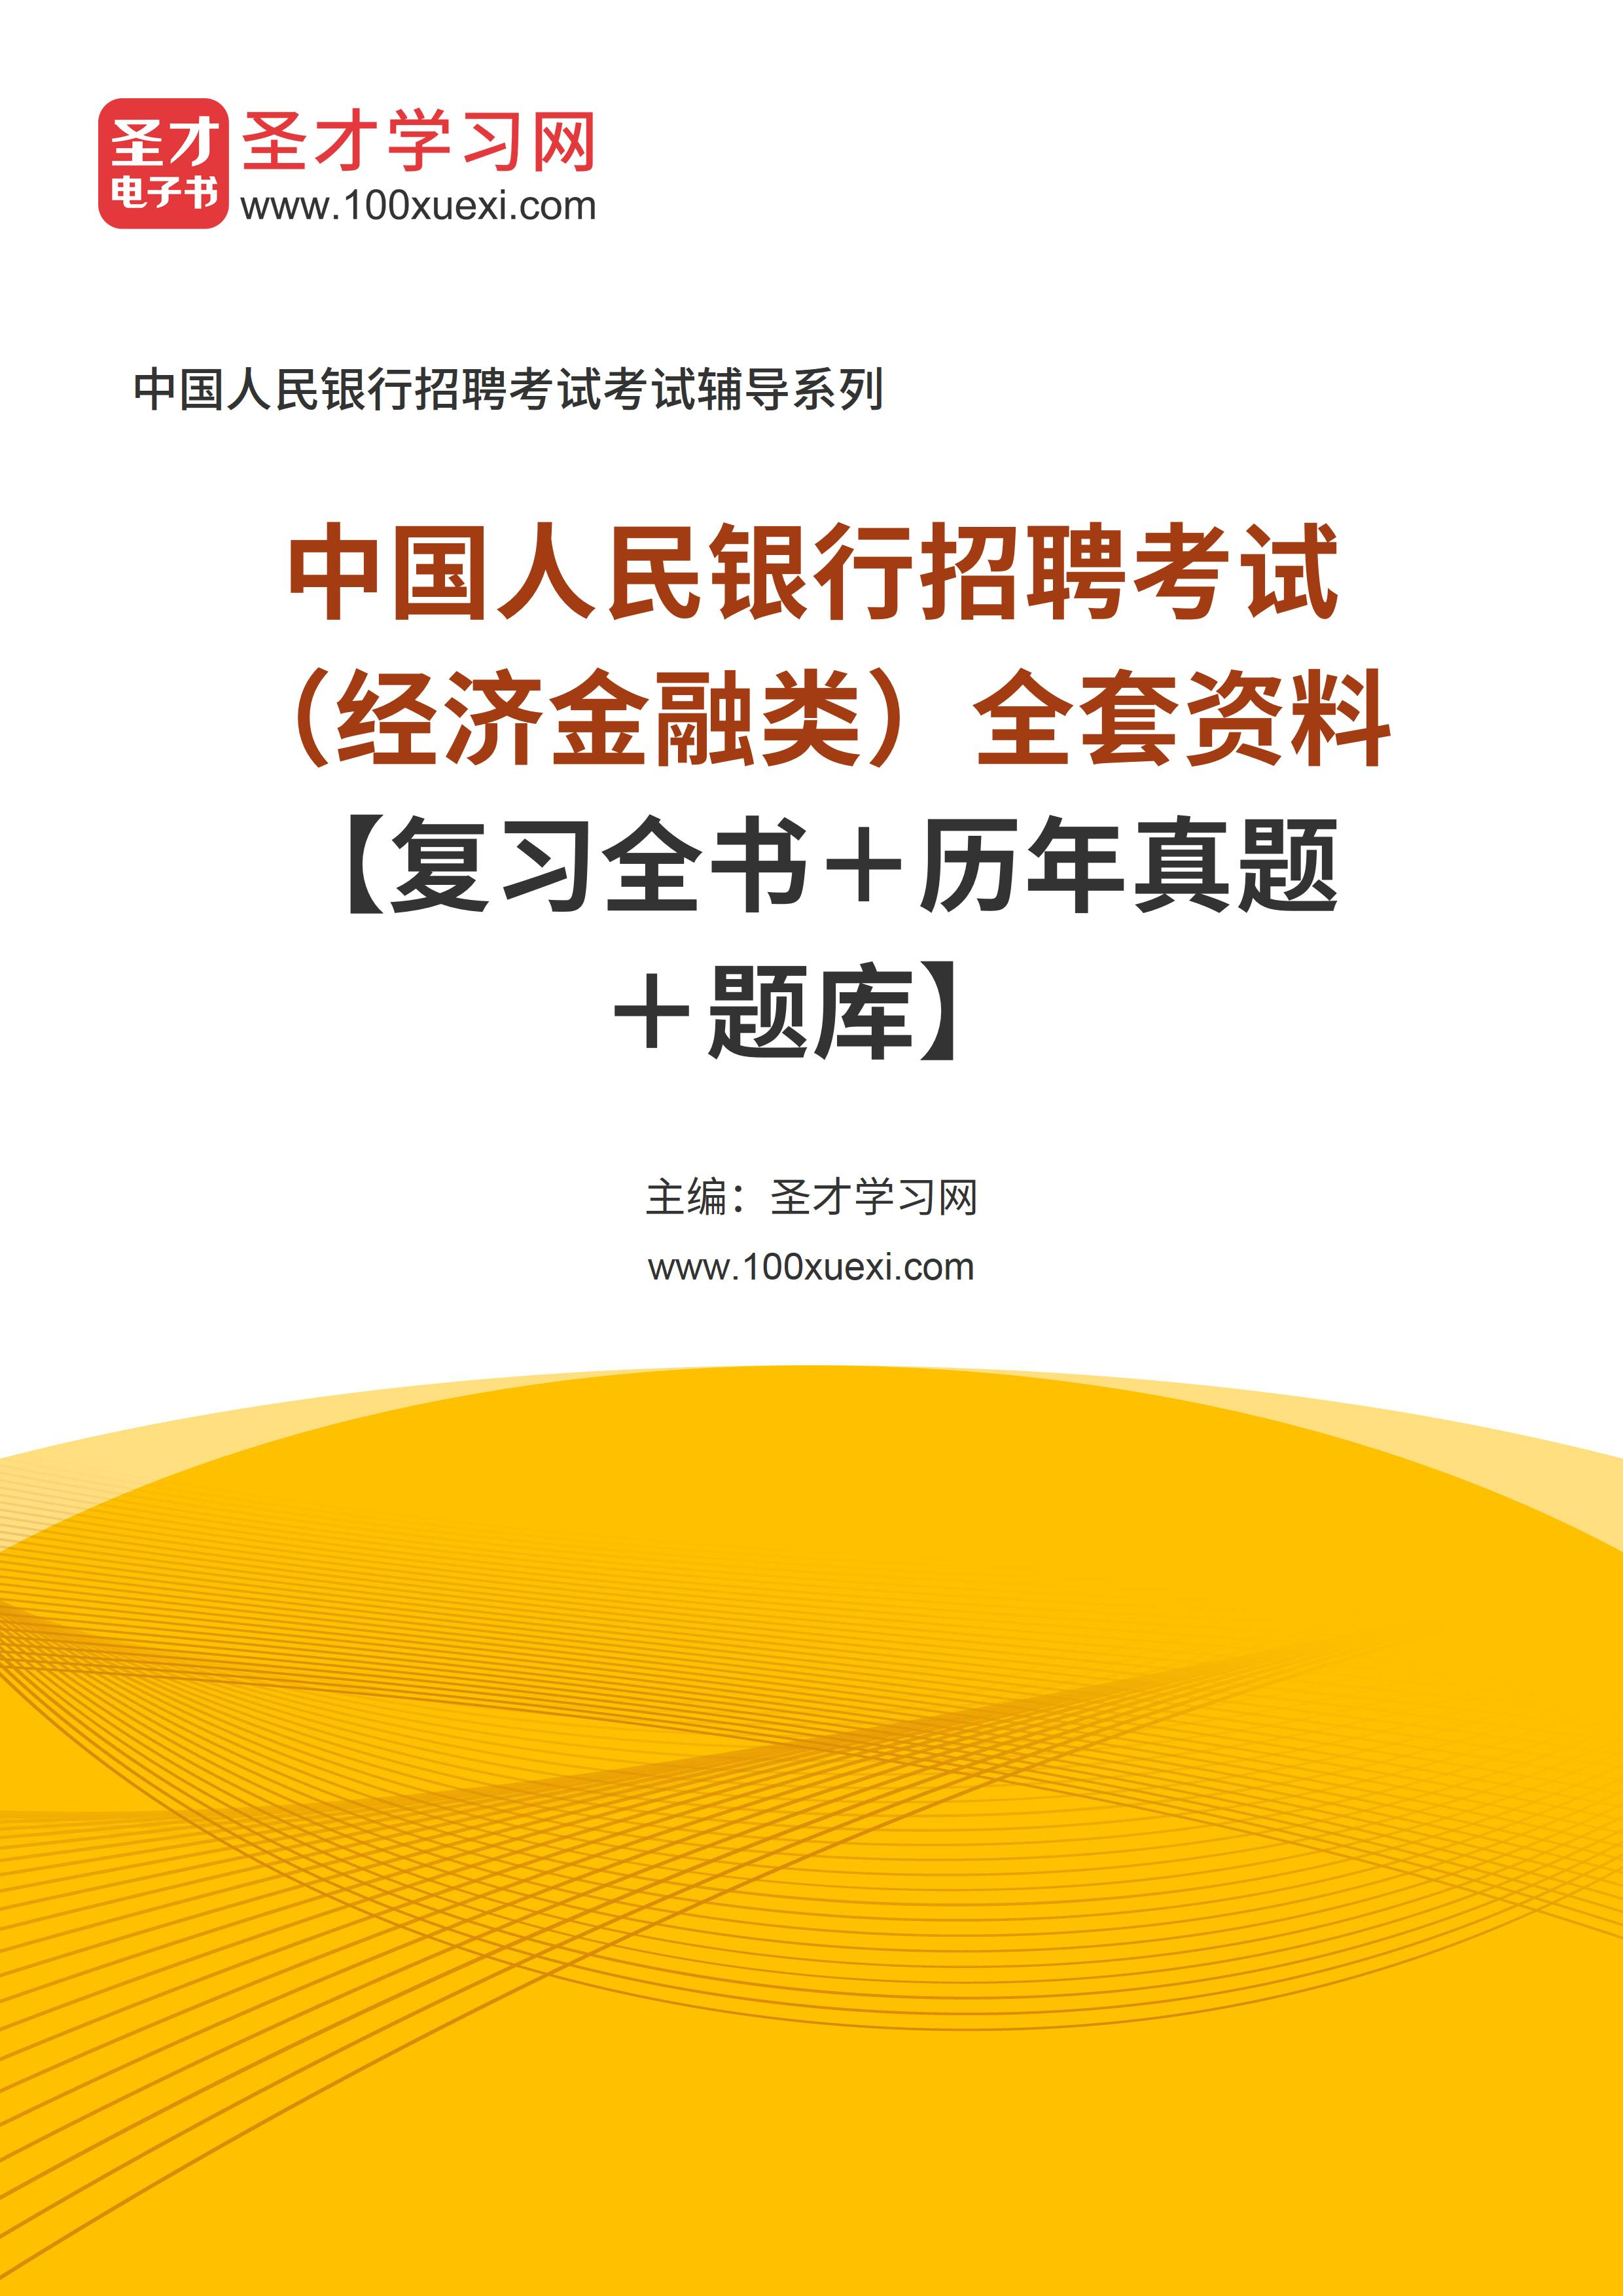 2021年中国人民银行招聘考试(经济金融类)全套资料【复习全书+历年真题+题库】